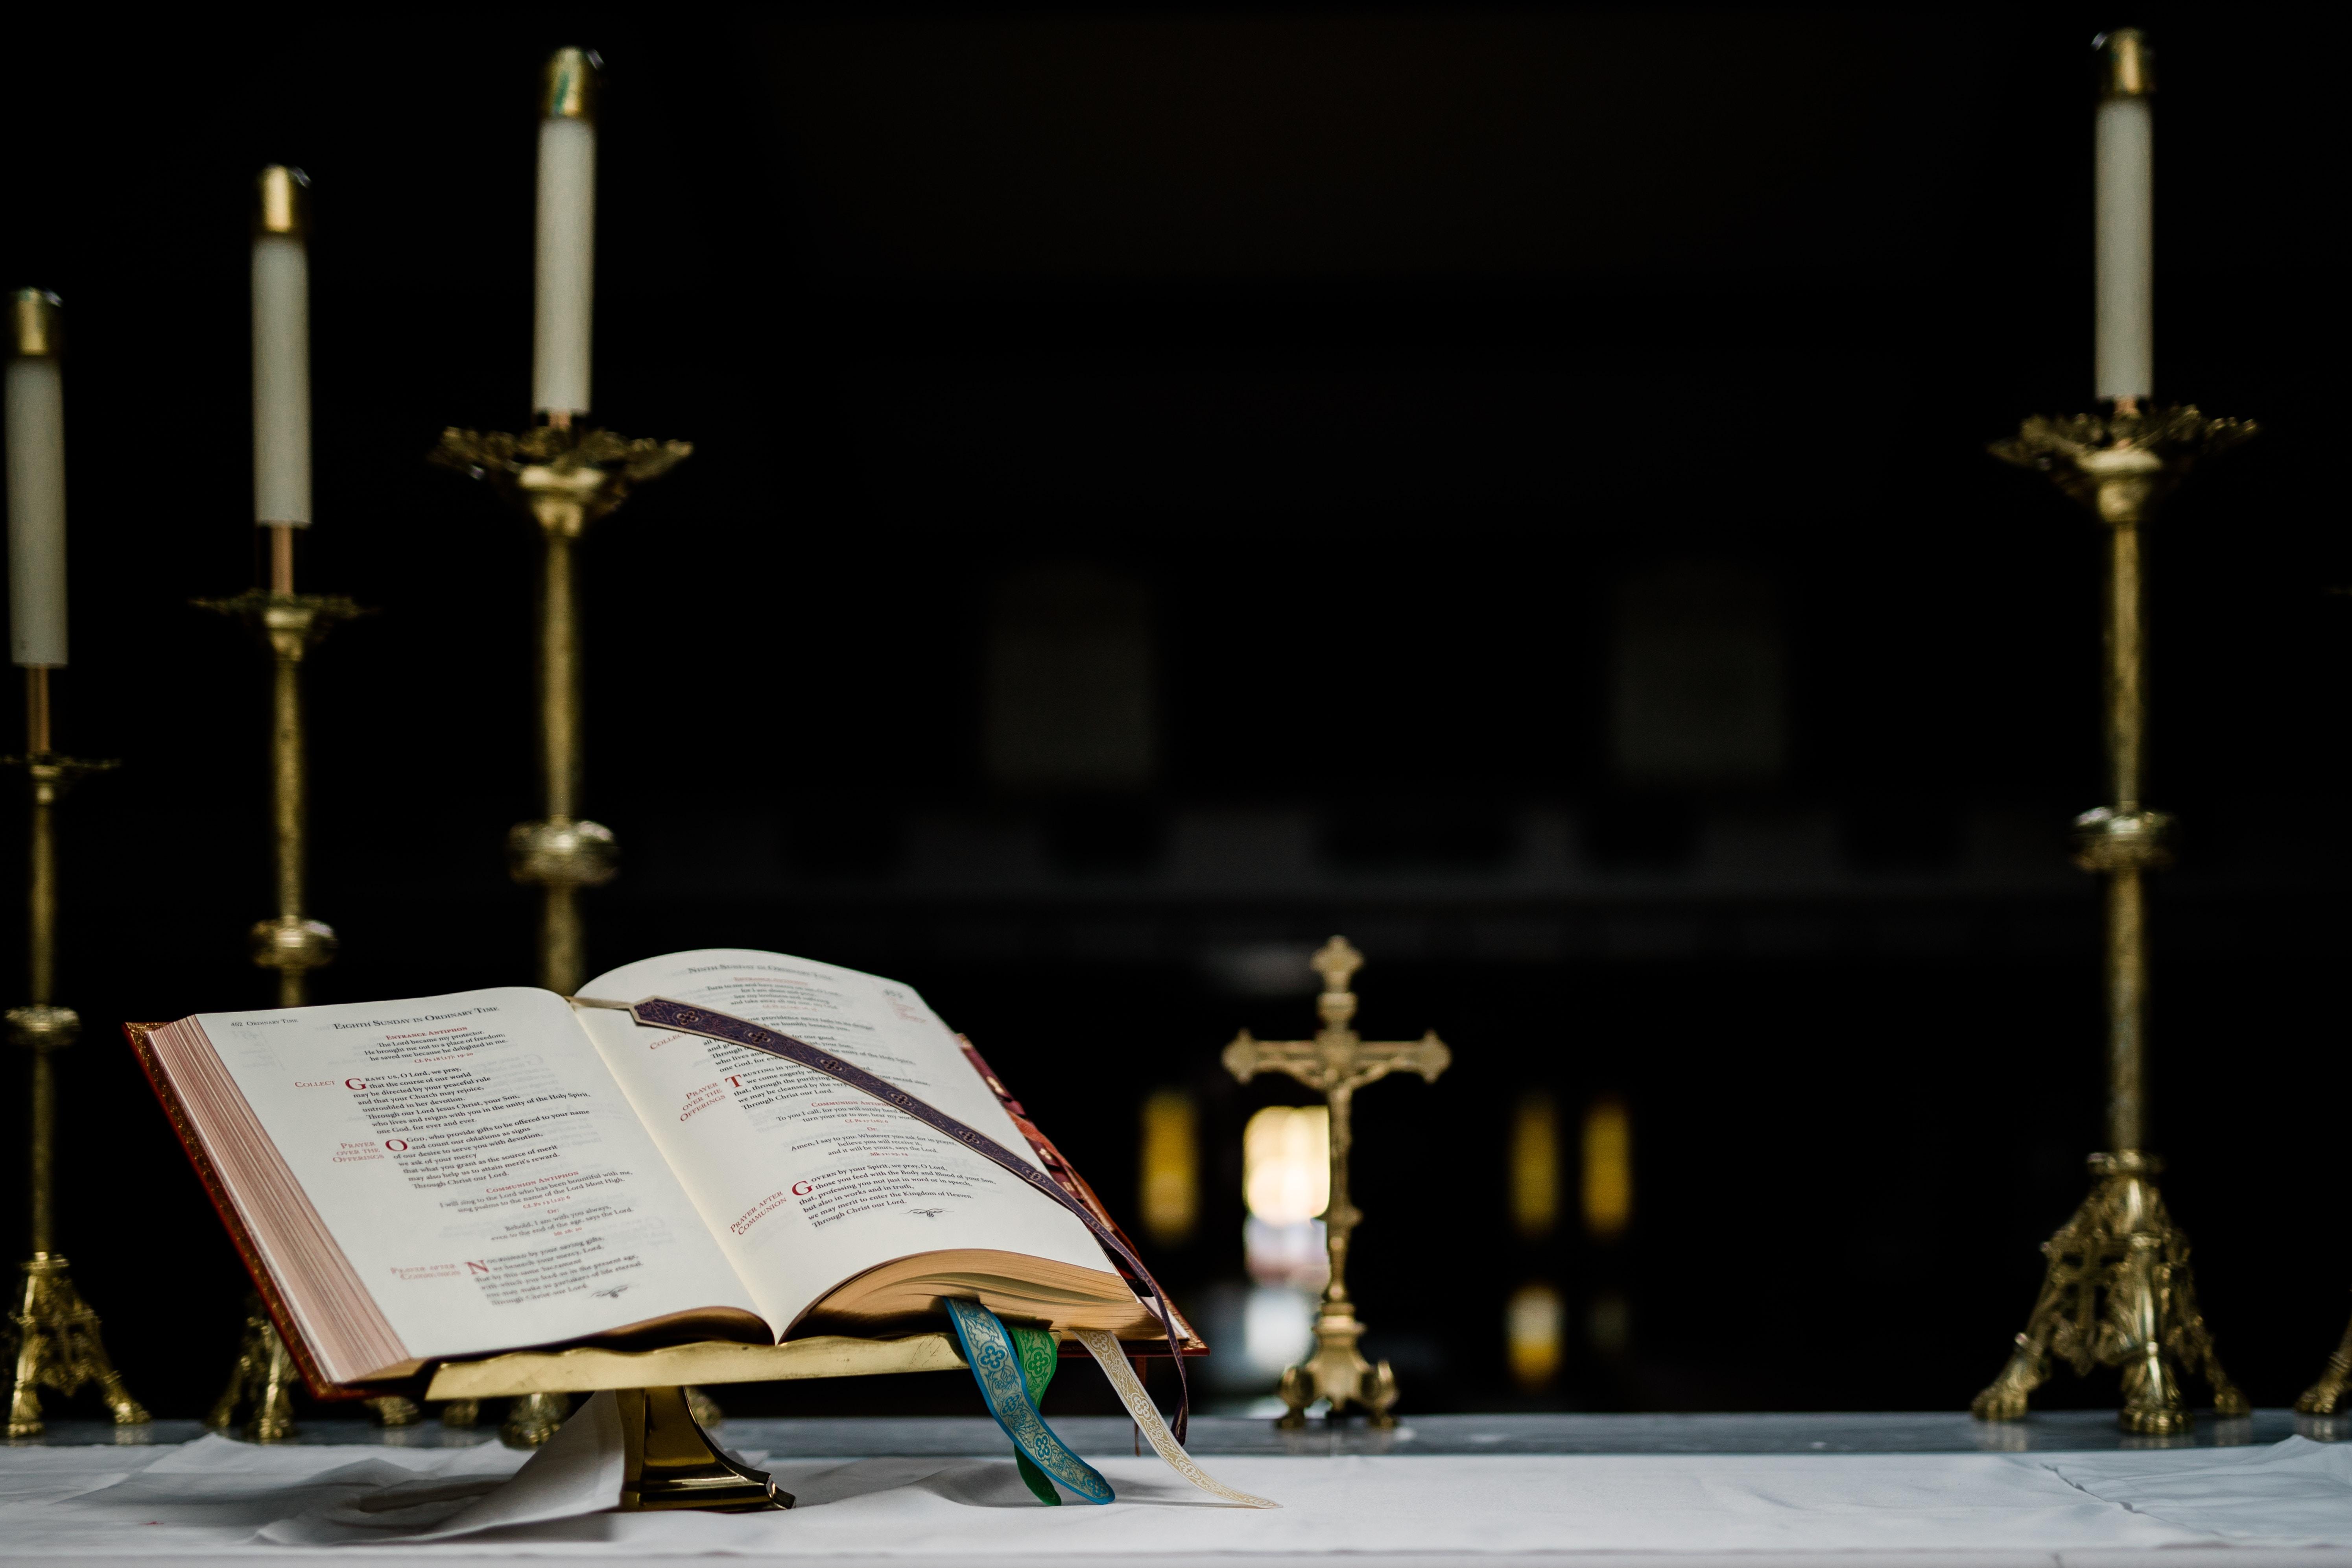 opened book near gold-colored crucifix